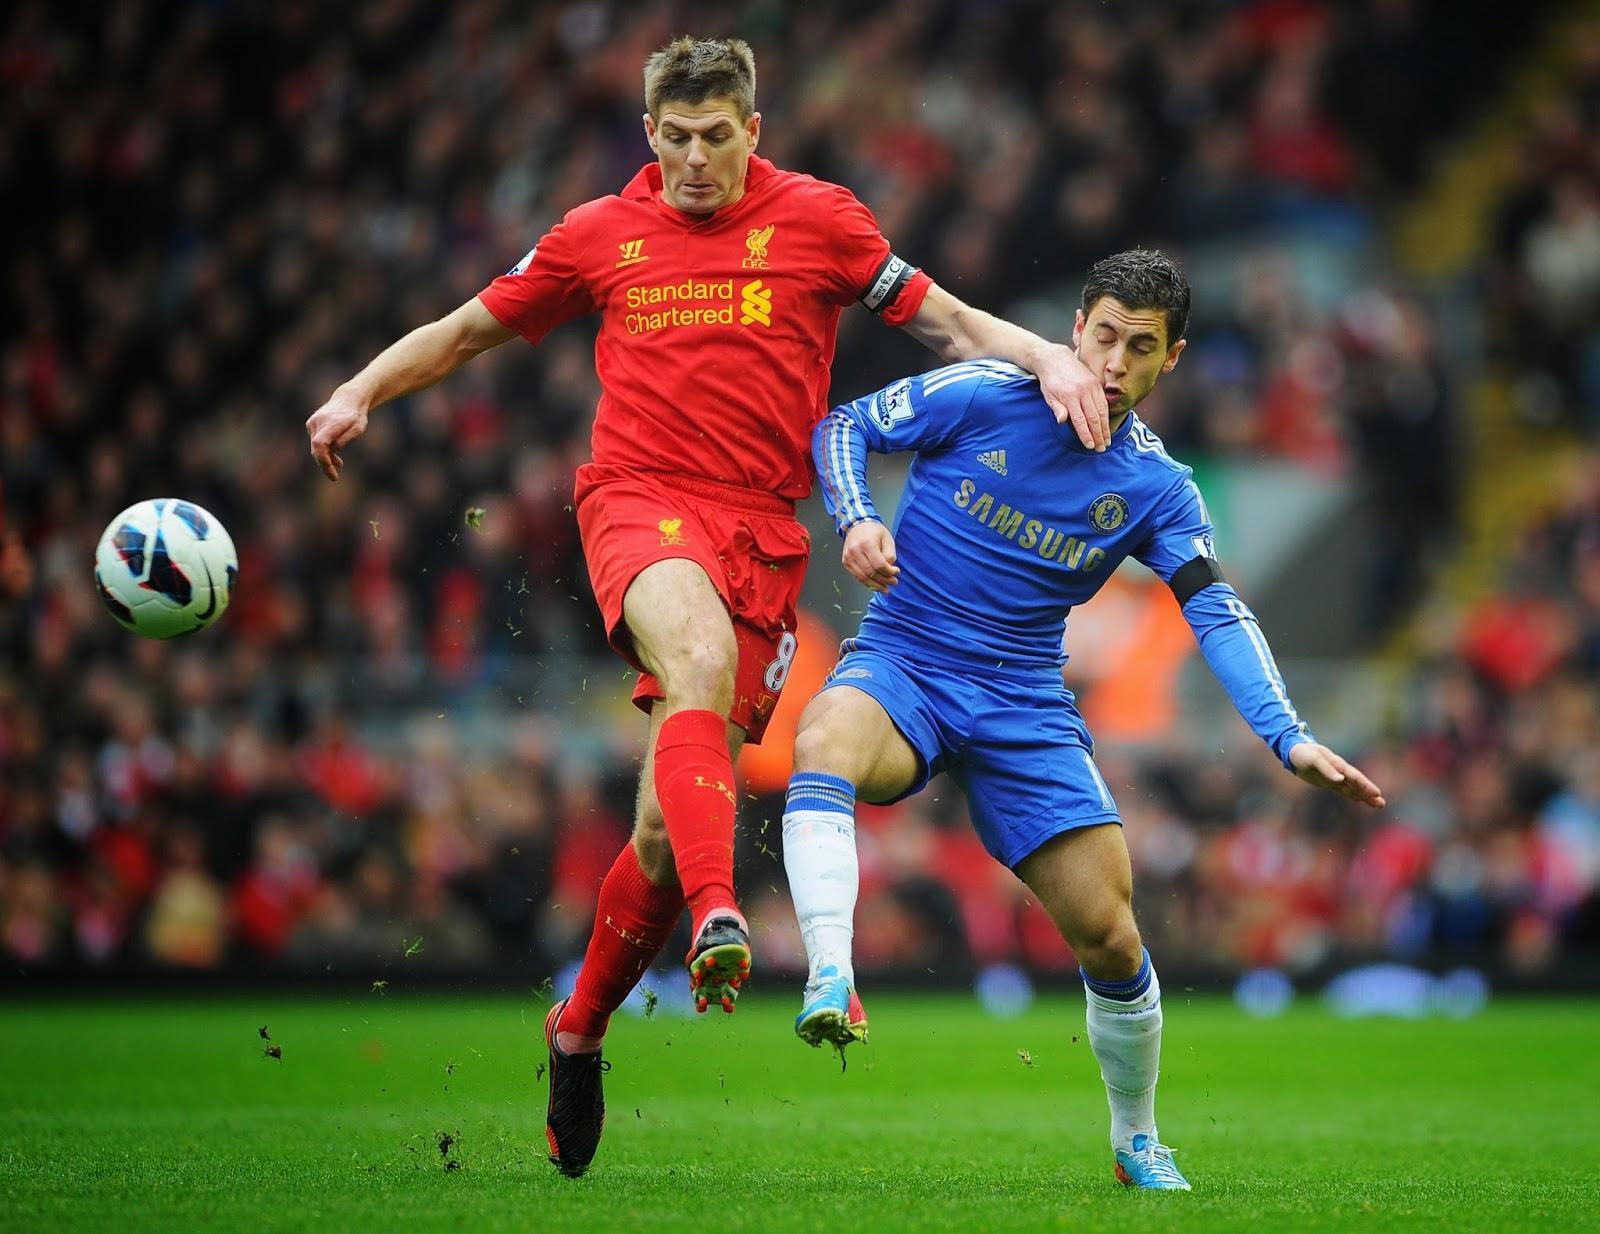 Agen Bola Indonesia - Prediksi Skor Liverpool vs Chelsea 8/11/2014